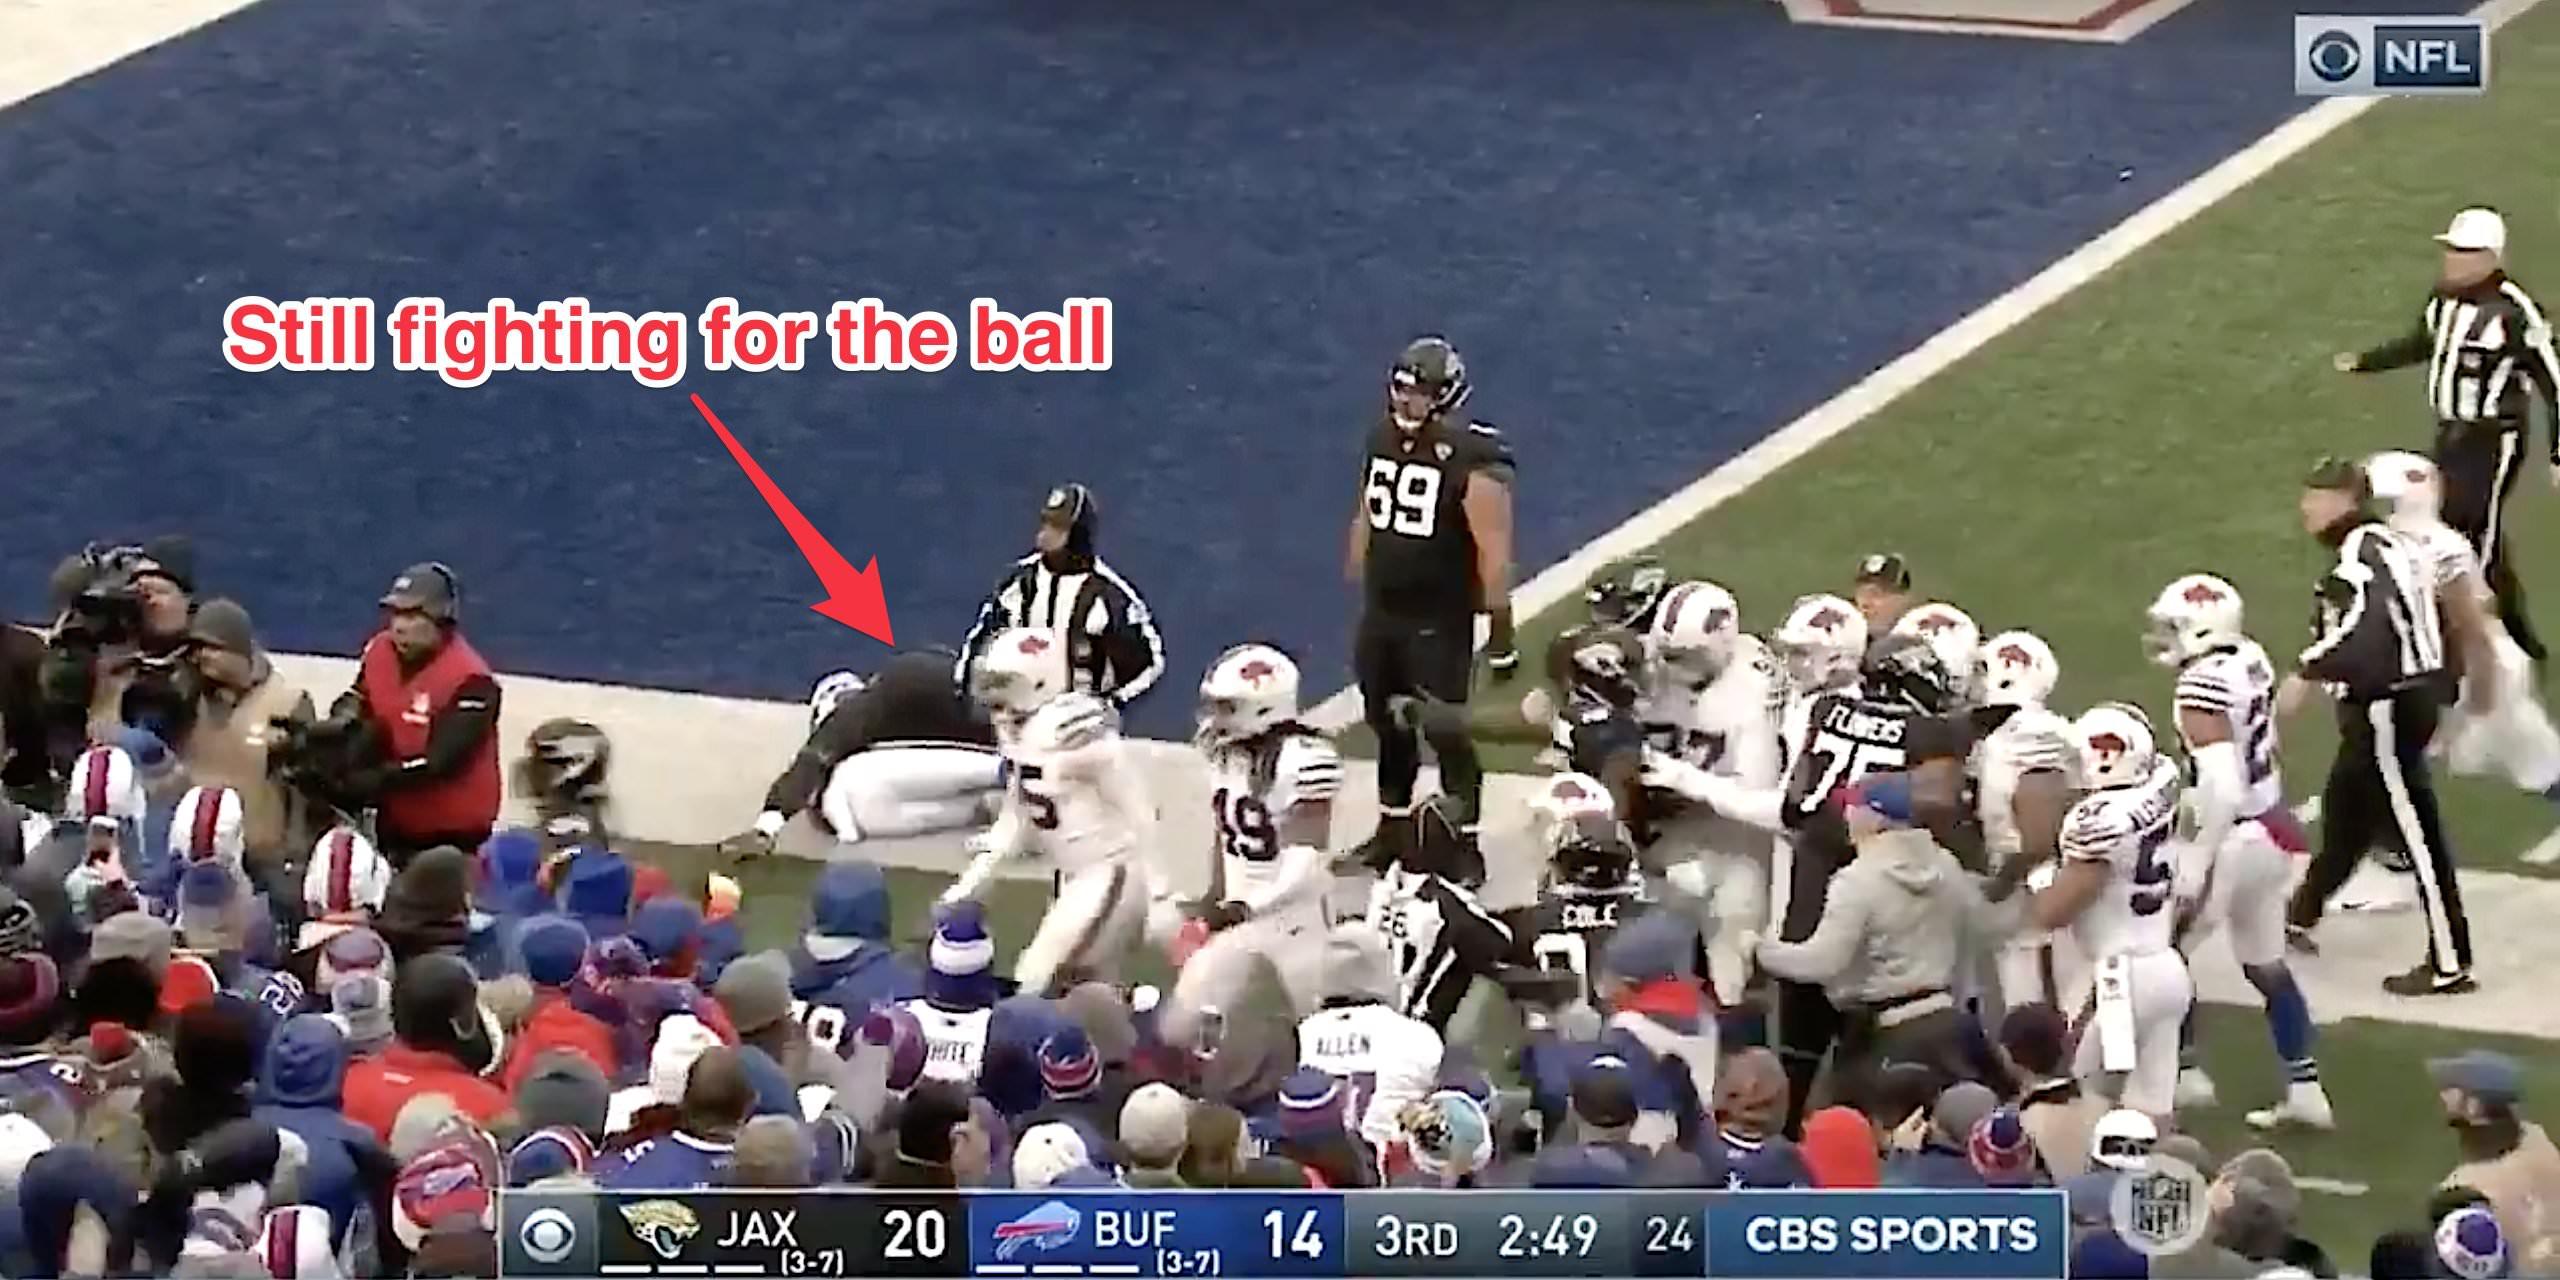 Brawl irrompe entre Jags e Bills enquanto 2 jogadores lutam no chão para a bola em cena bizarra e selvagem